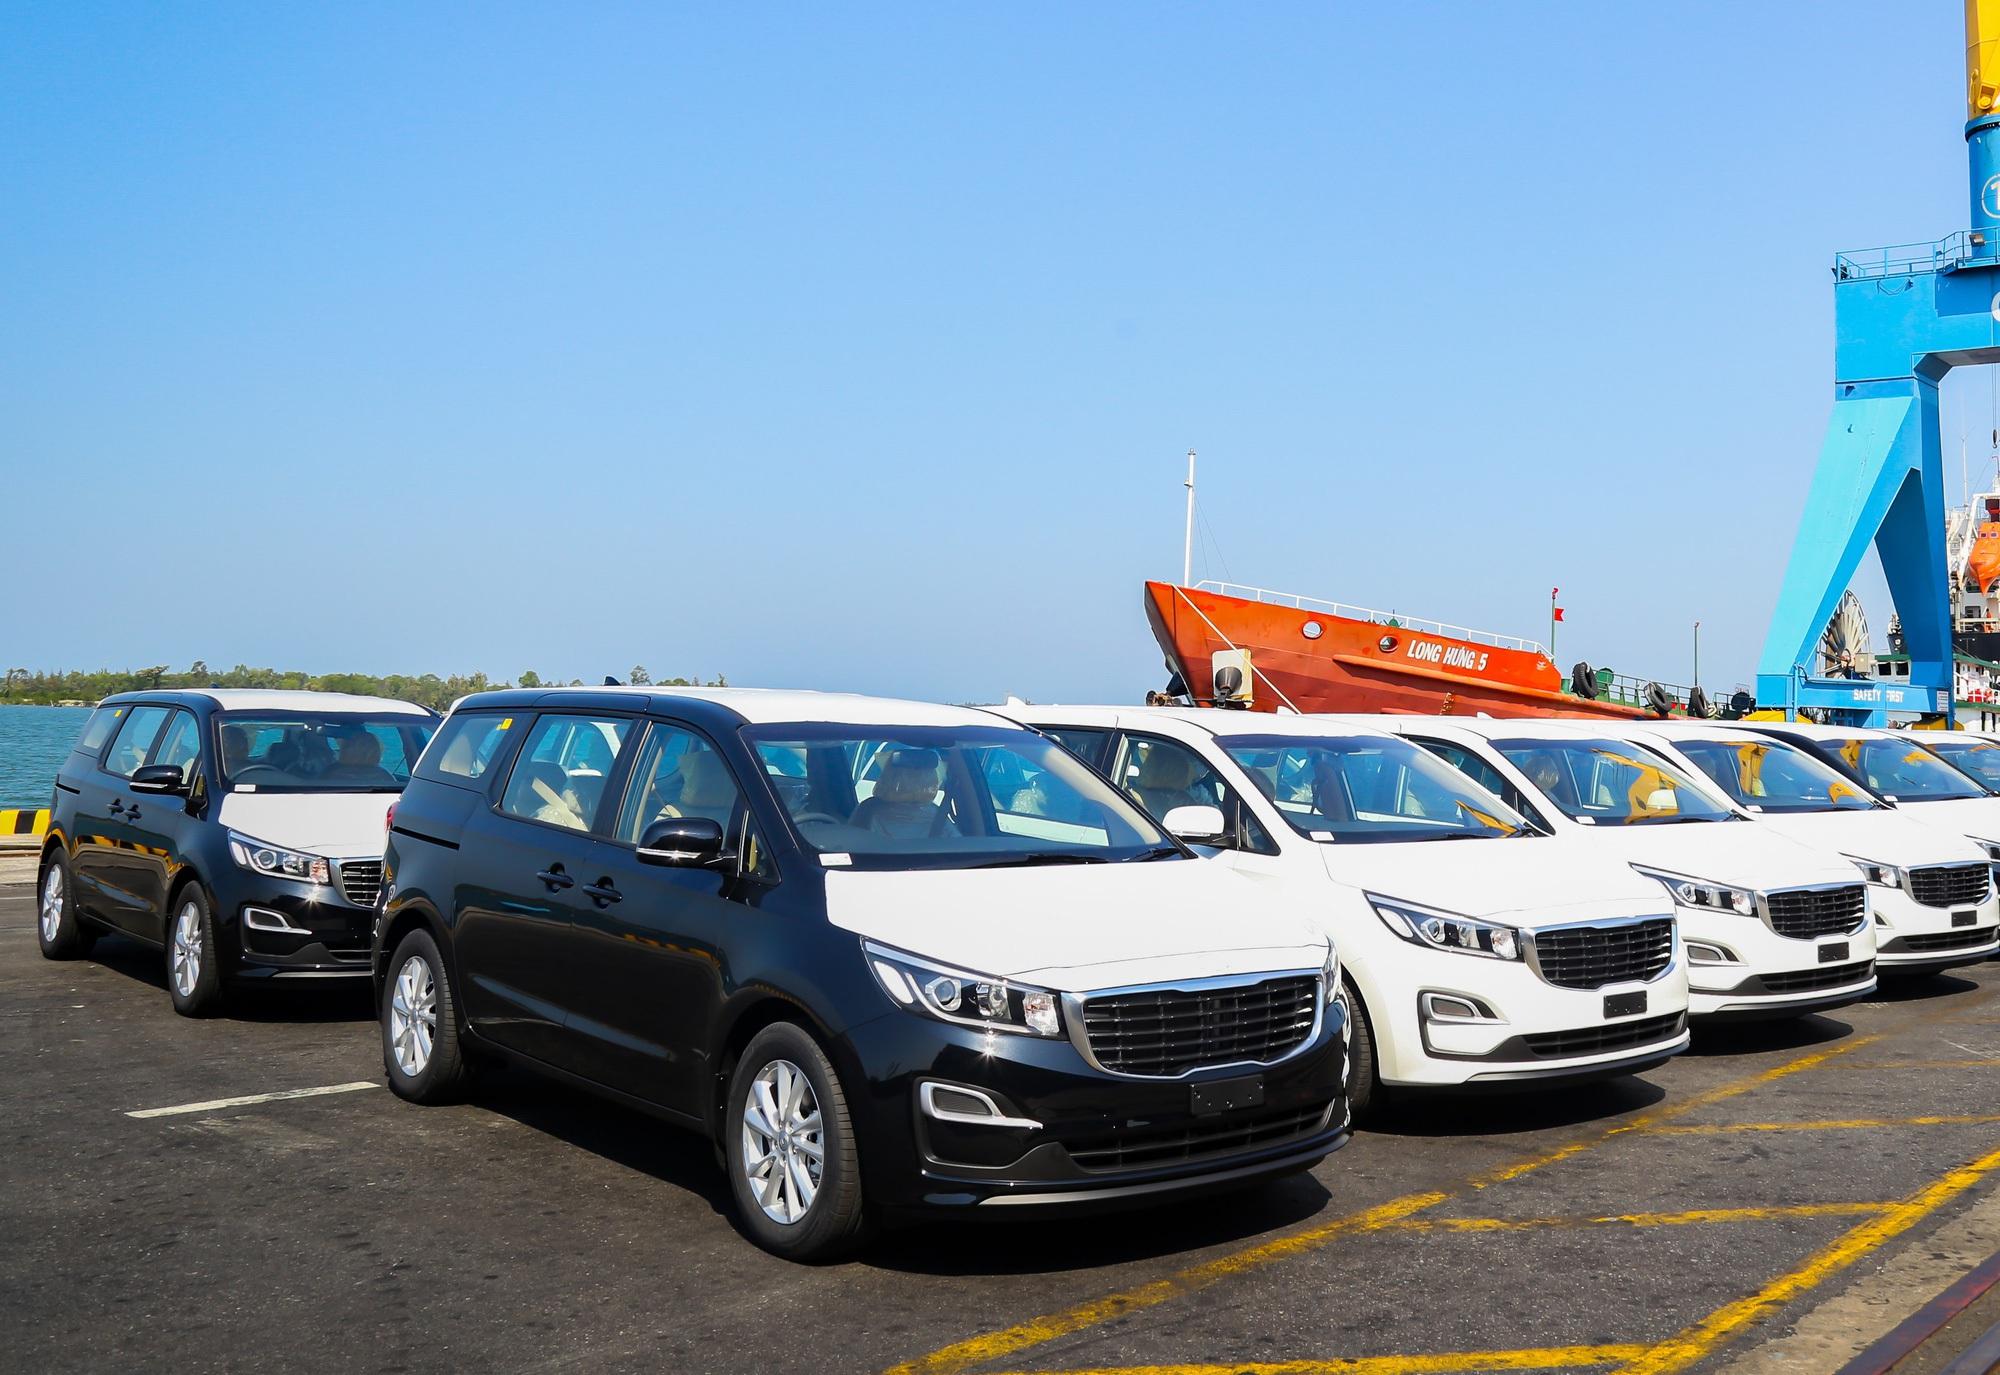 Gần 4 năm bỏ thuế nhập linh kiện, ngành ô tô Việt vẫn phụ thuộc nước ngoài - 2